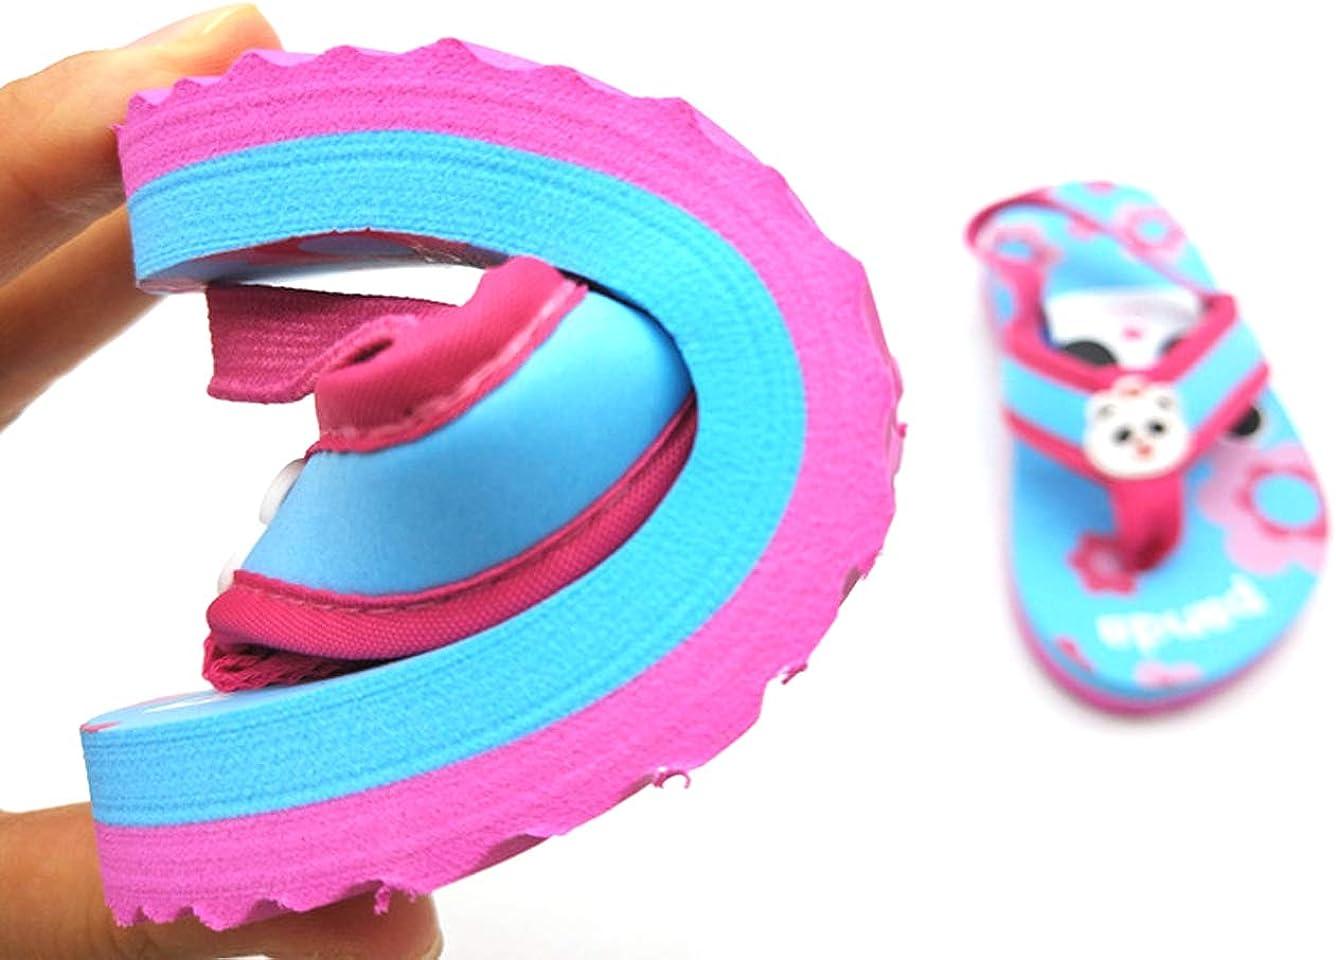 mehrfarbig Coralup Flip-Flops f/ür kleine Kinder leichtes EVA-Material elastischer R/ückengurt